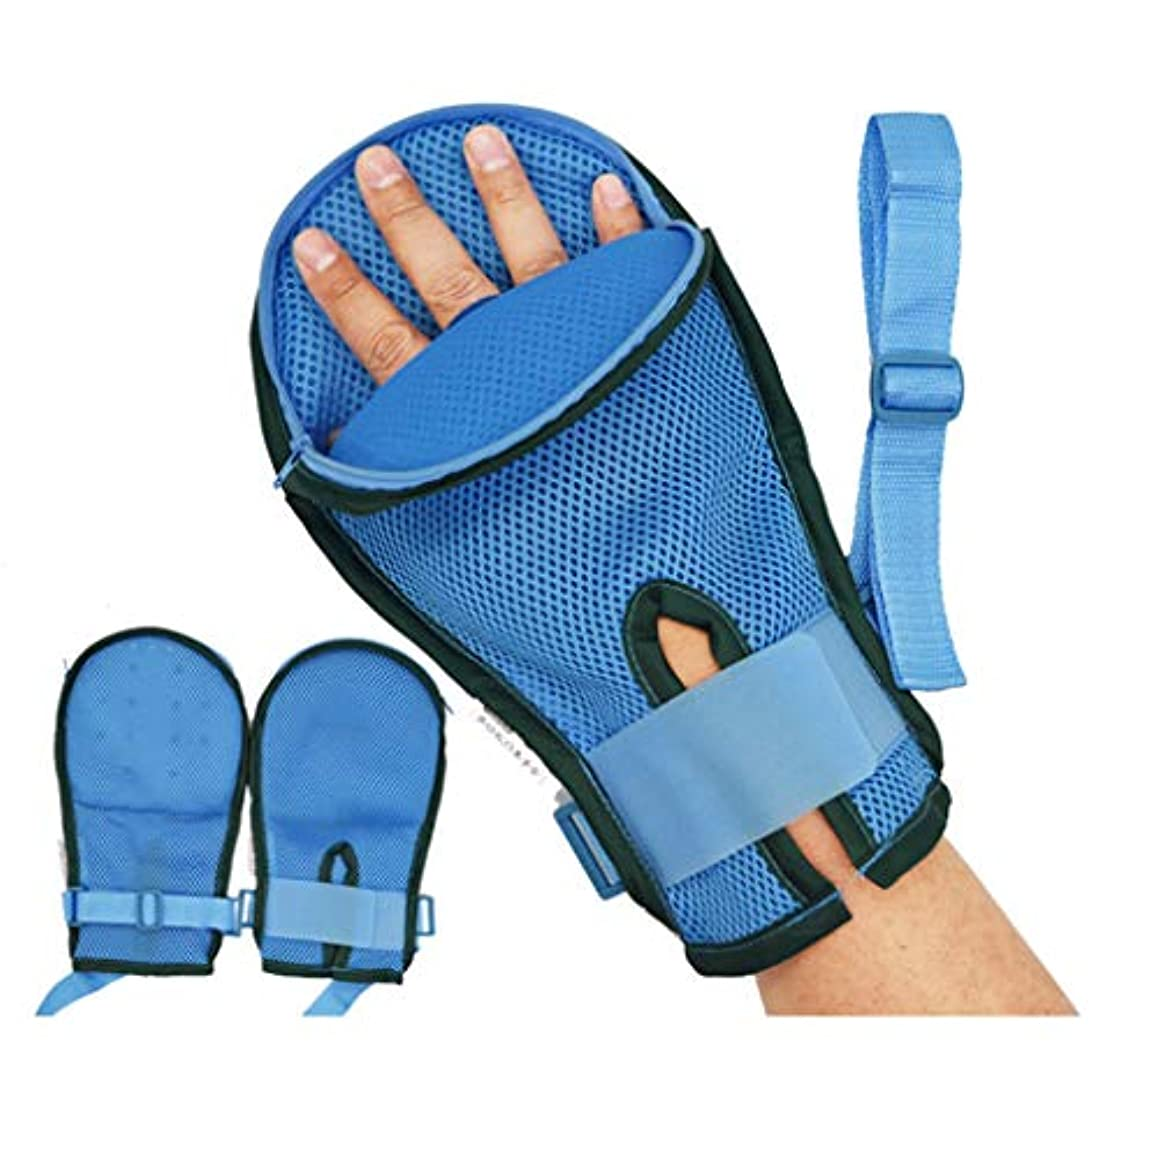 ラベル会議南極手の拘束制御手袋 - 安全通気性の指の手袋認知症の手袋指の害を防ぐ固定ヘルスケア用具,2pcs,L